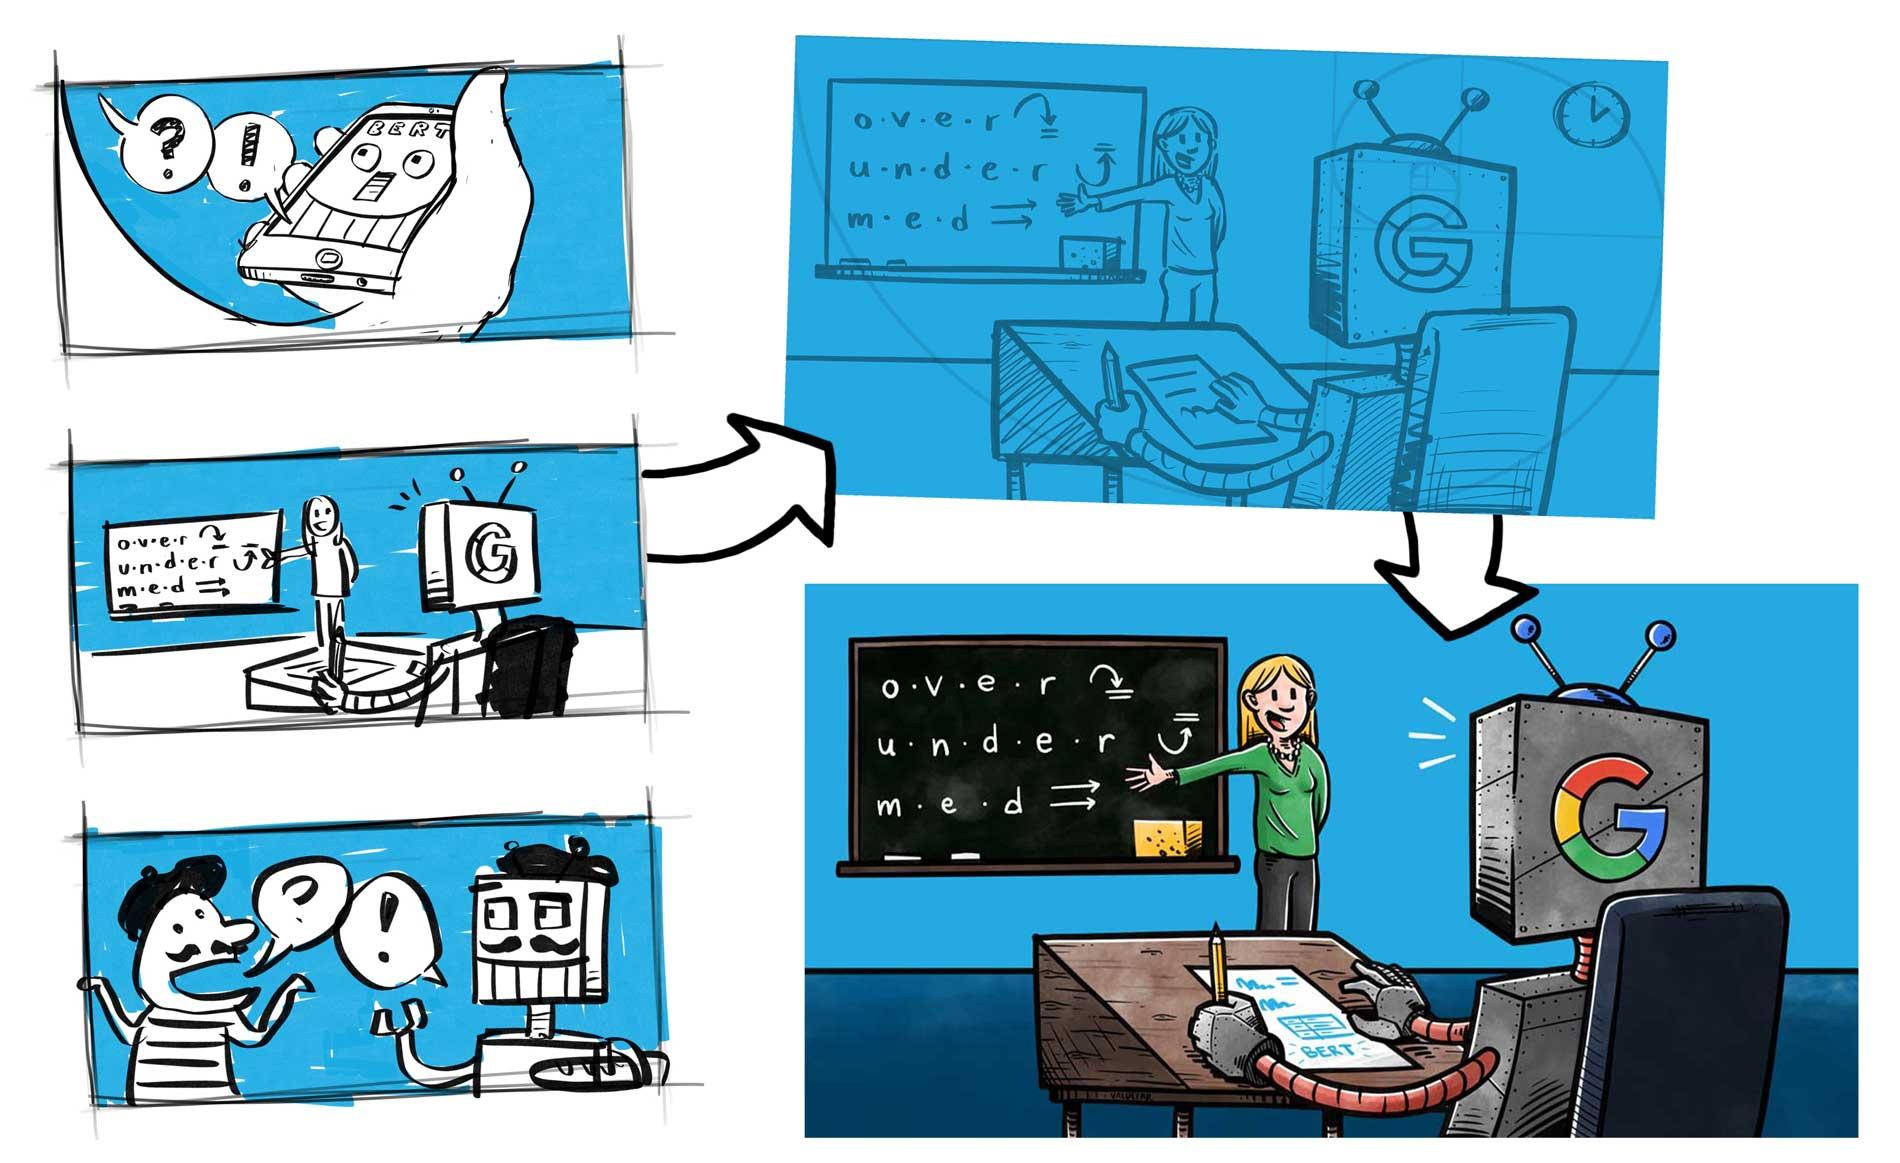 Blogillustrationer for Webamp.dk: Fra skitse til færdig illustration